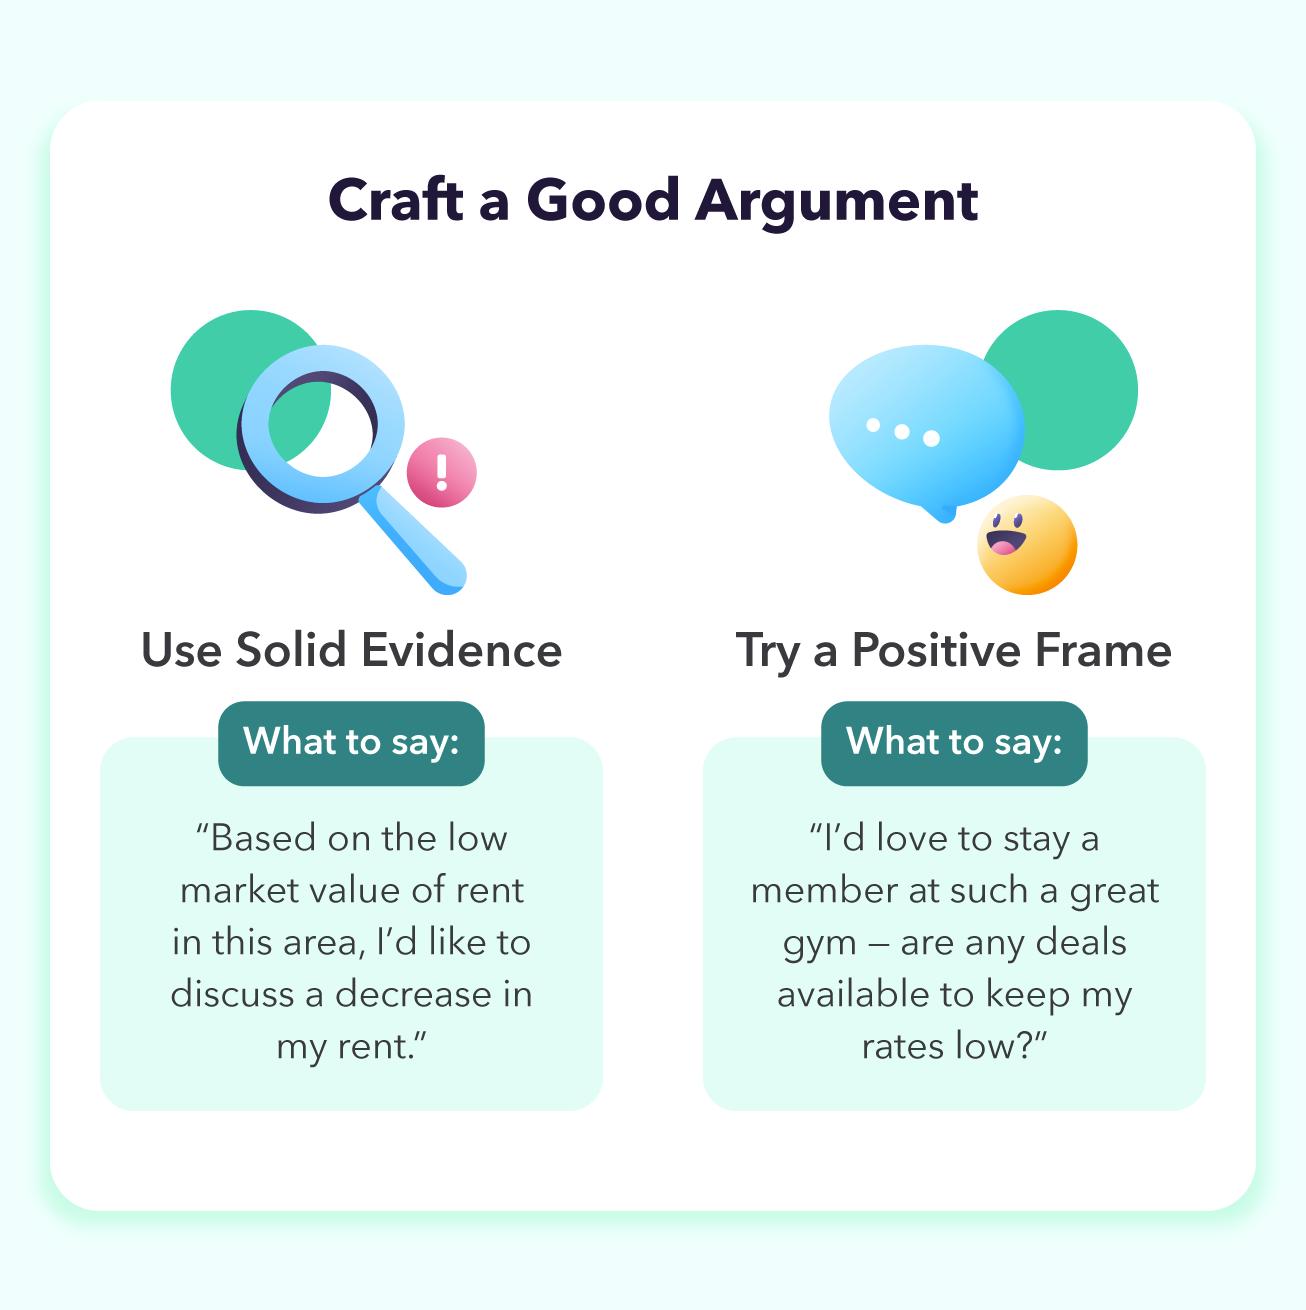 craft-a-good-argument